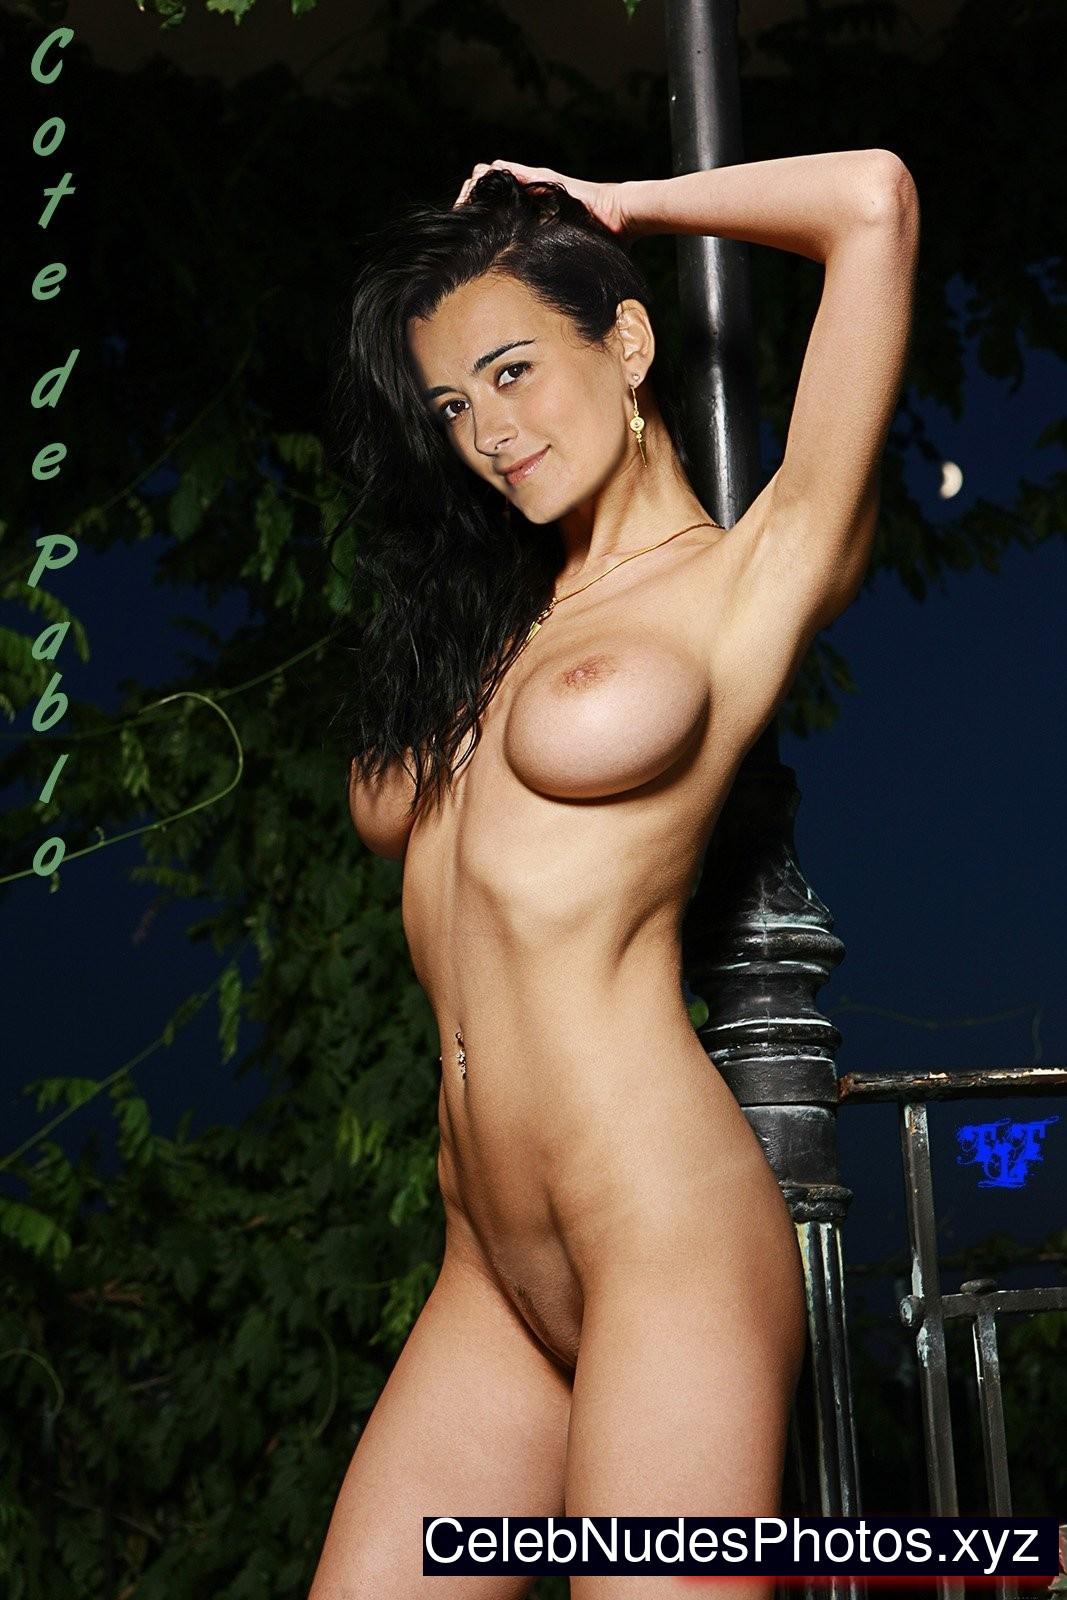 Cote de pablo nude pictues